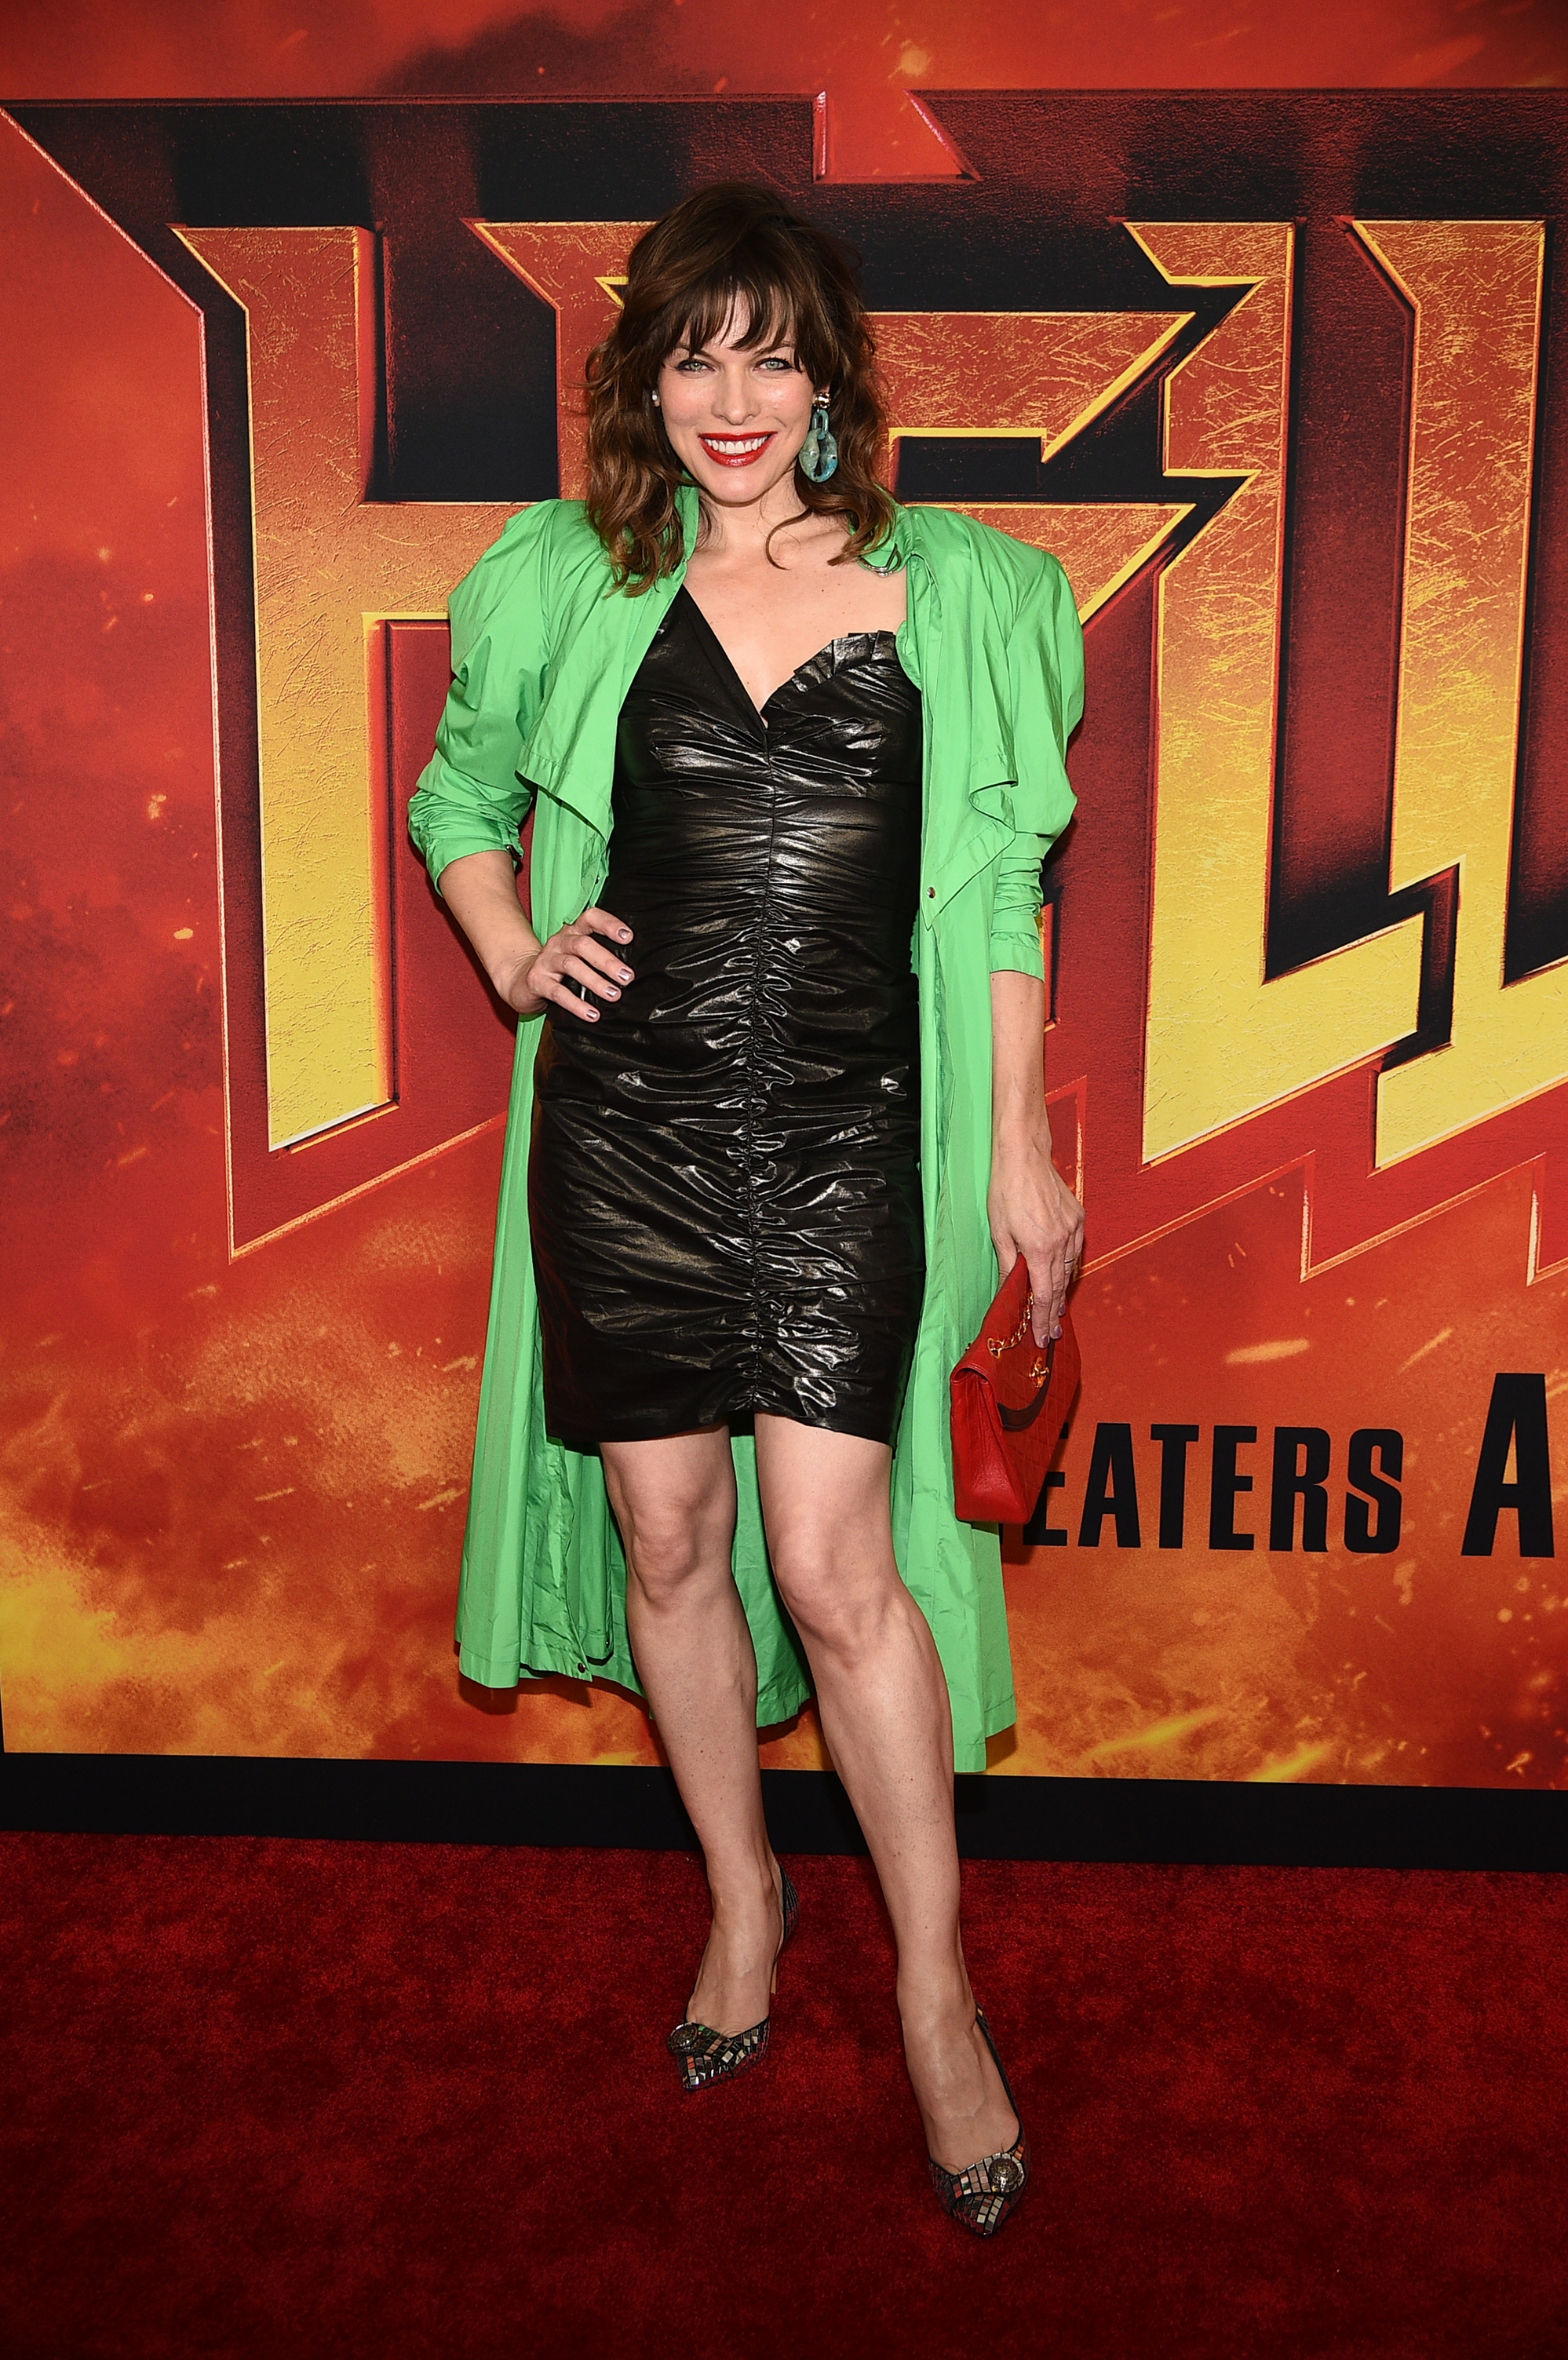 Набраната мини латексова рокля с едно рамо, неонов зелен тренч и червен клъч на Chanel са стилистичните  избори на  Мила Йовович, която реши да комбинира привидно несъчетаващи се модни елементи във визия за червен килим за премиерата на Hellboy на 9-ти април в Ню Йорк.